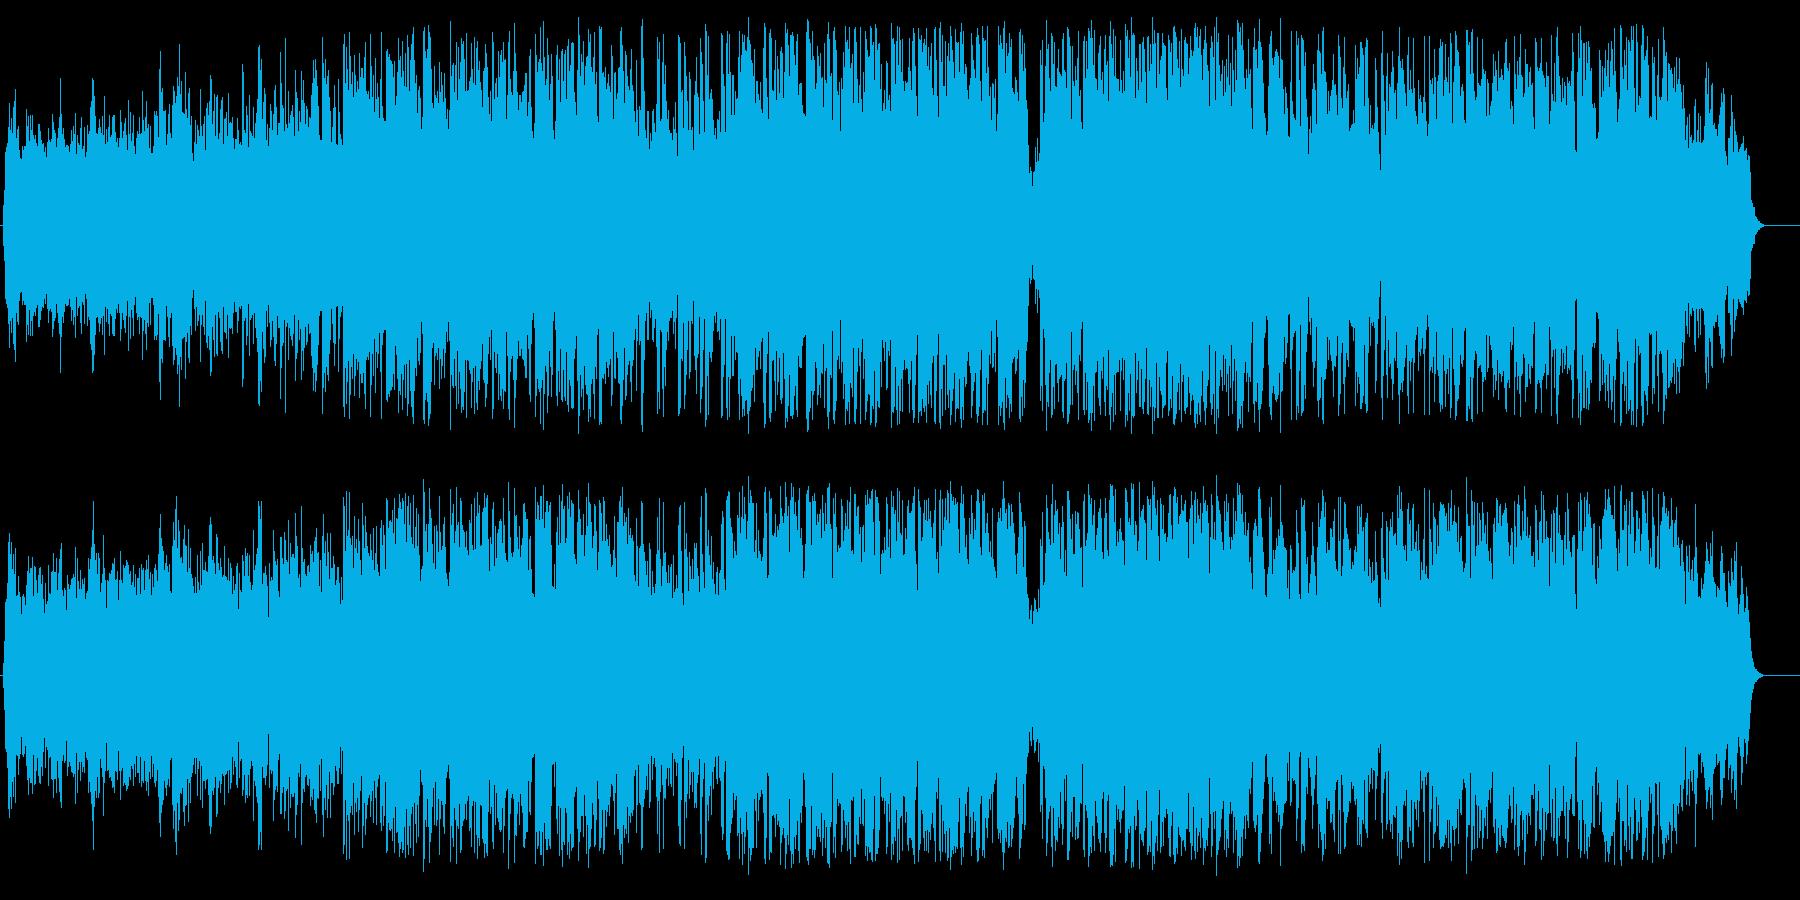 グライダーから眺める白とブルーの世界の再生済みの波形